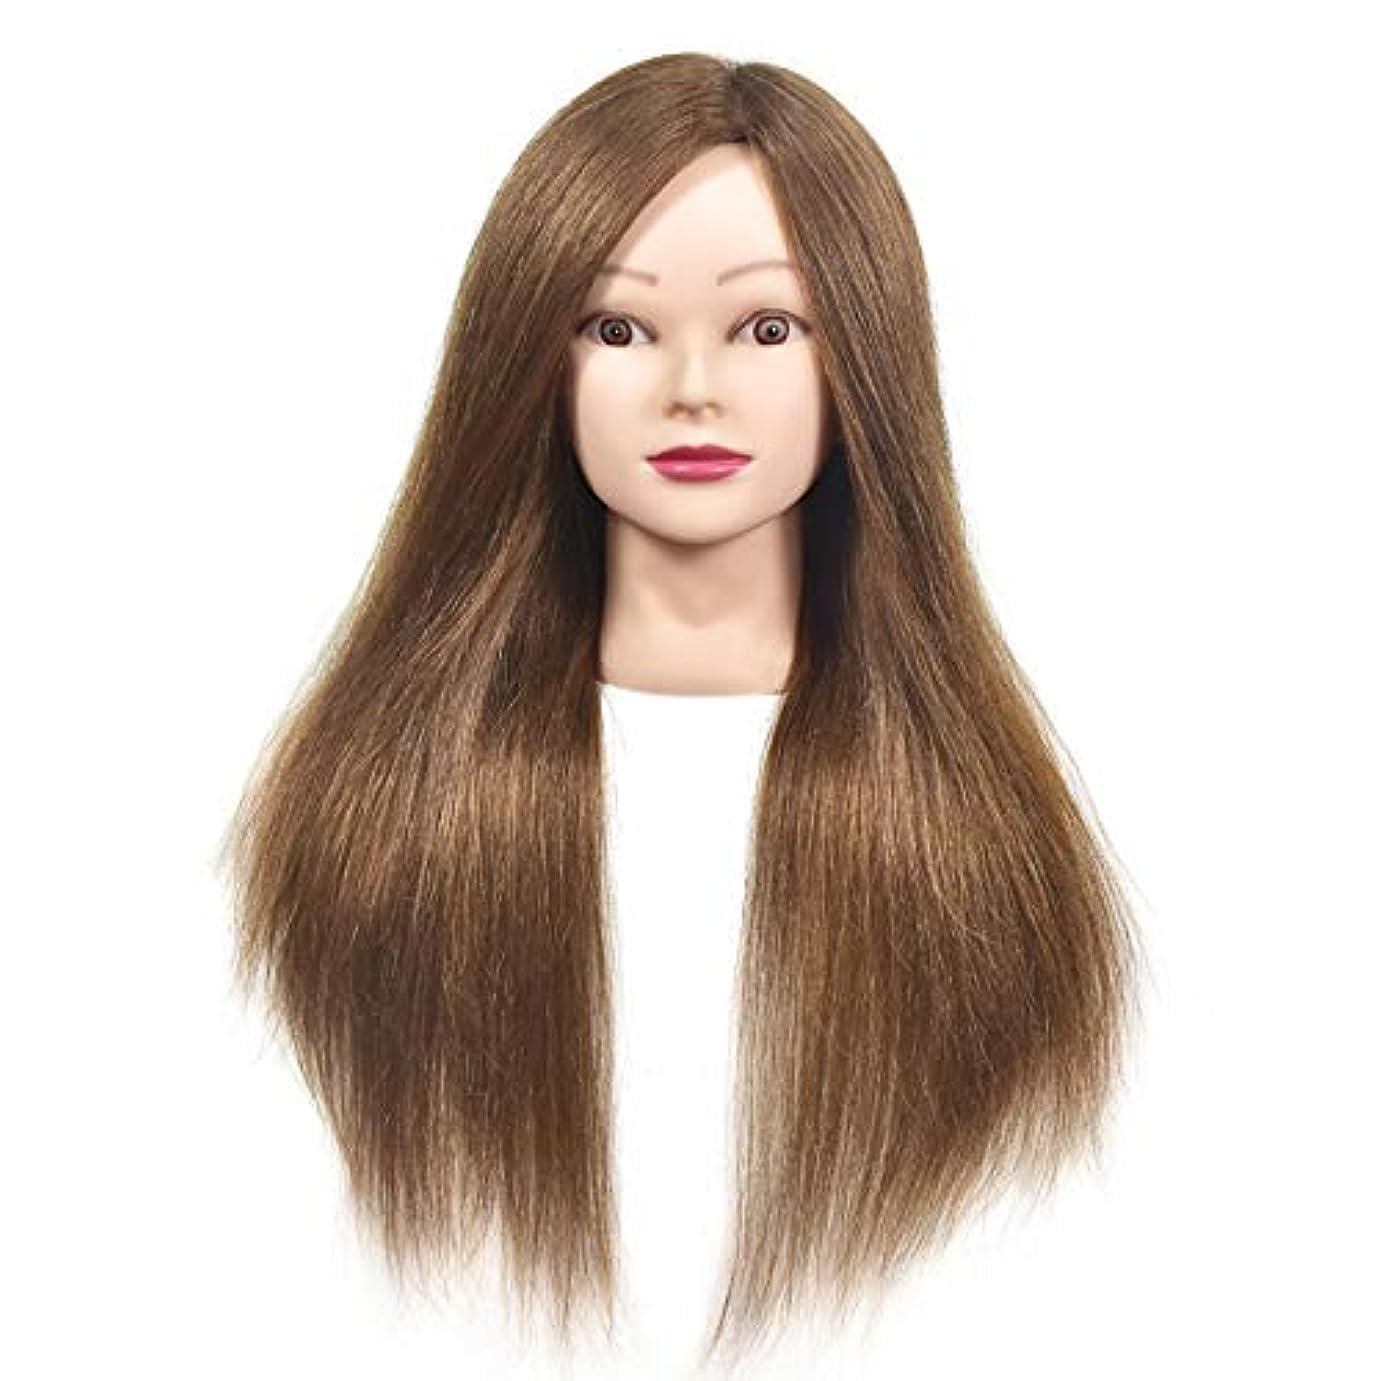 滑るとティームボール本物の人間の髪のかつらの頭の金型の頭の編み出しスタイリングのマネキン頭の理髪店の練習の教師のダミーヘッド